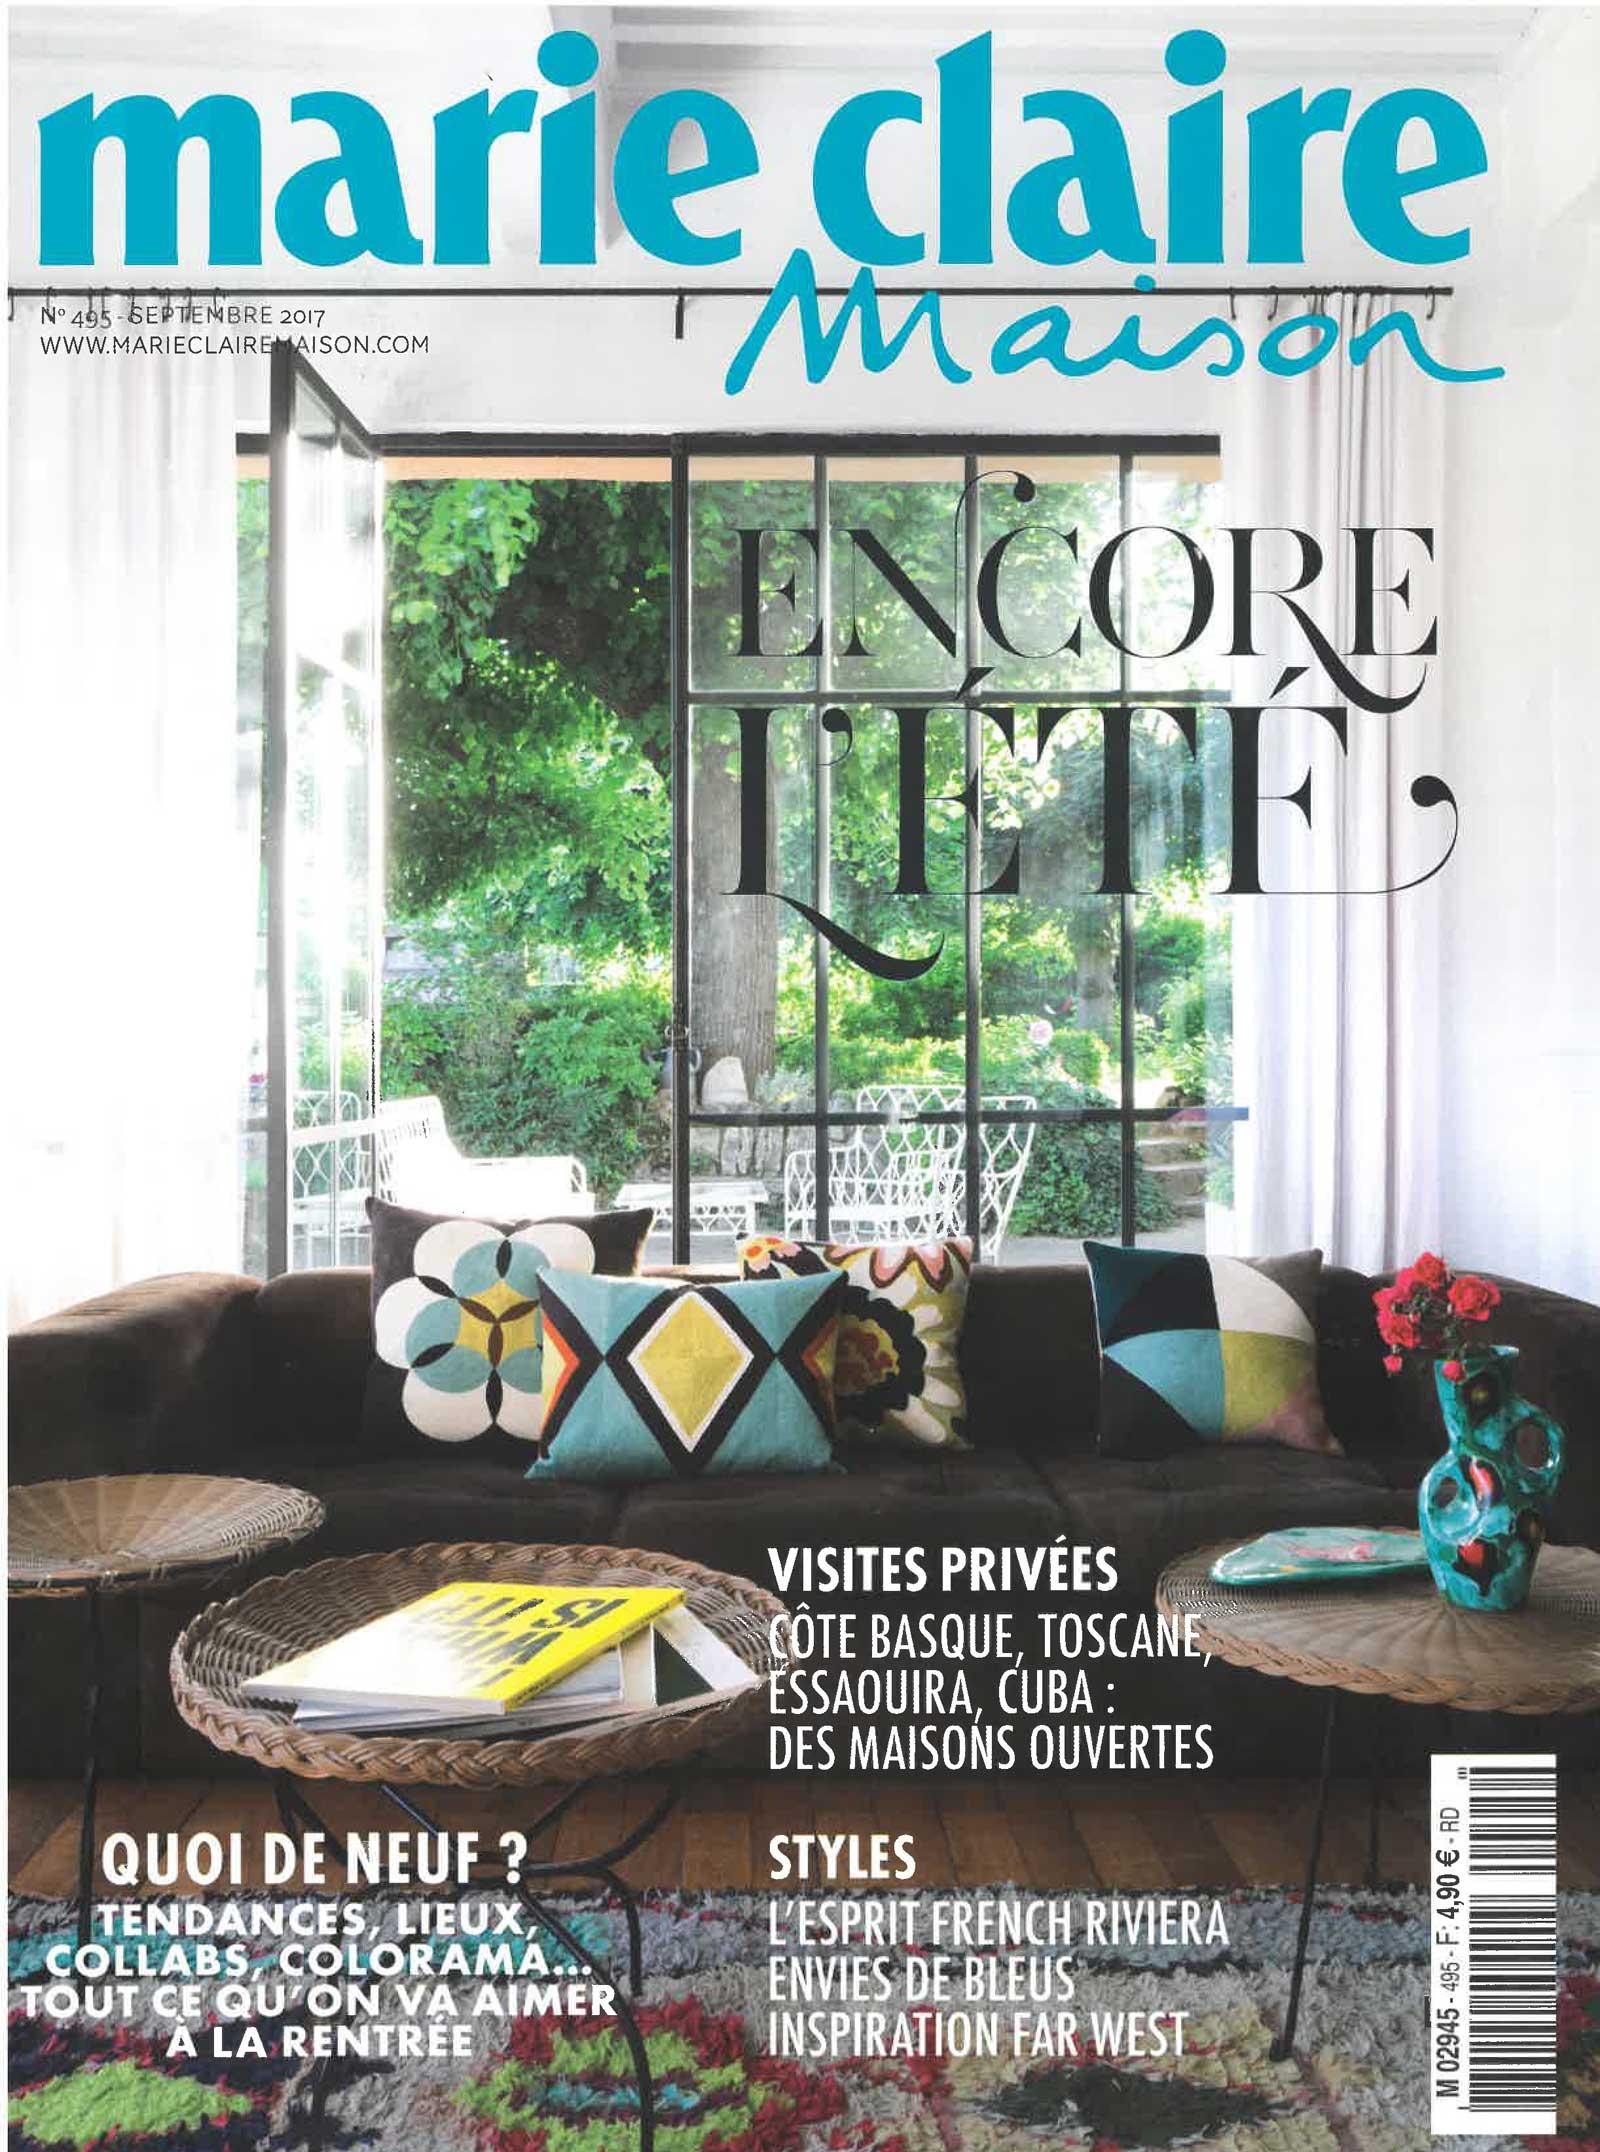 marie claire maison france cc tapis. Black Bedroom Furniture Sets. Home Design Ideas